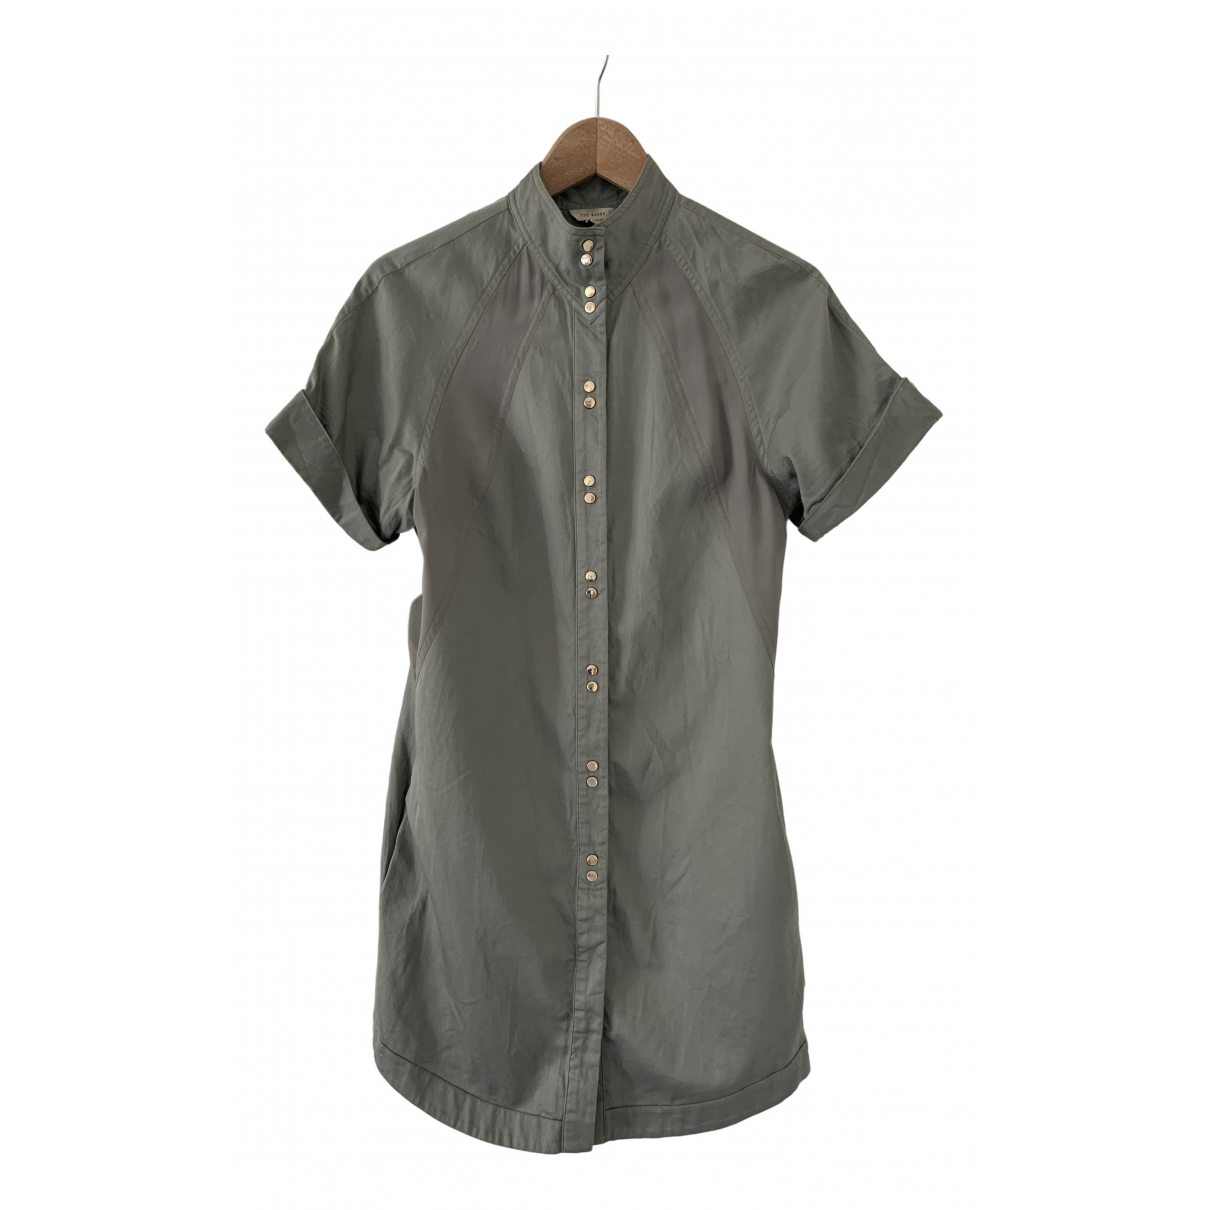 Ted Baker \N Khaki Cotton dress for Women 1 US